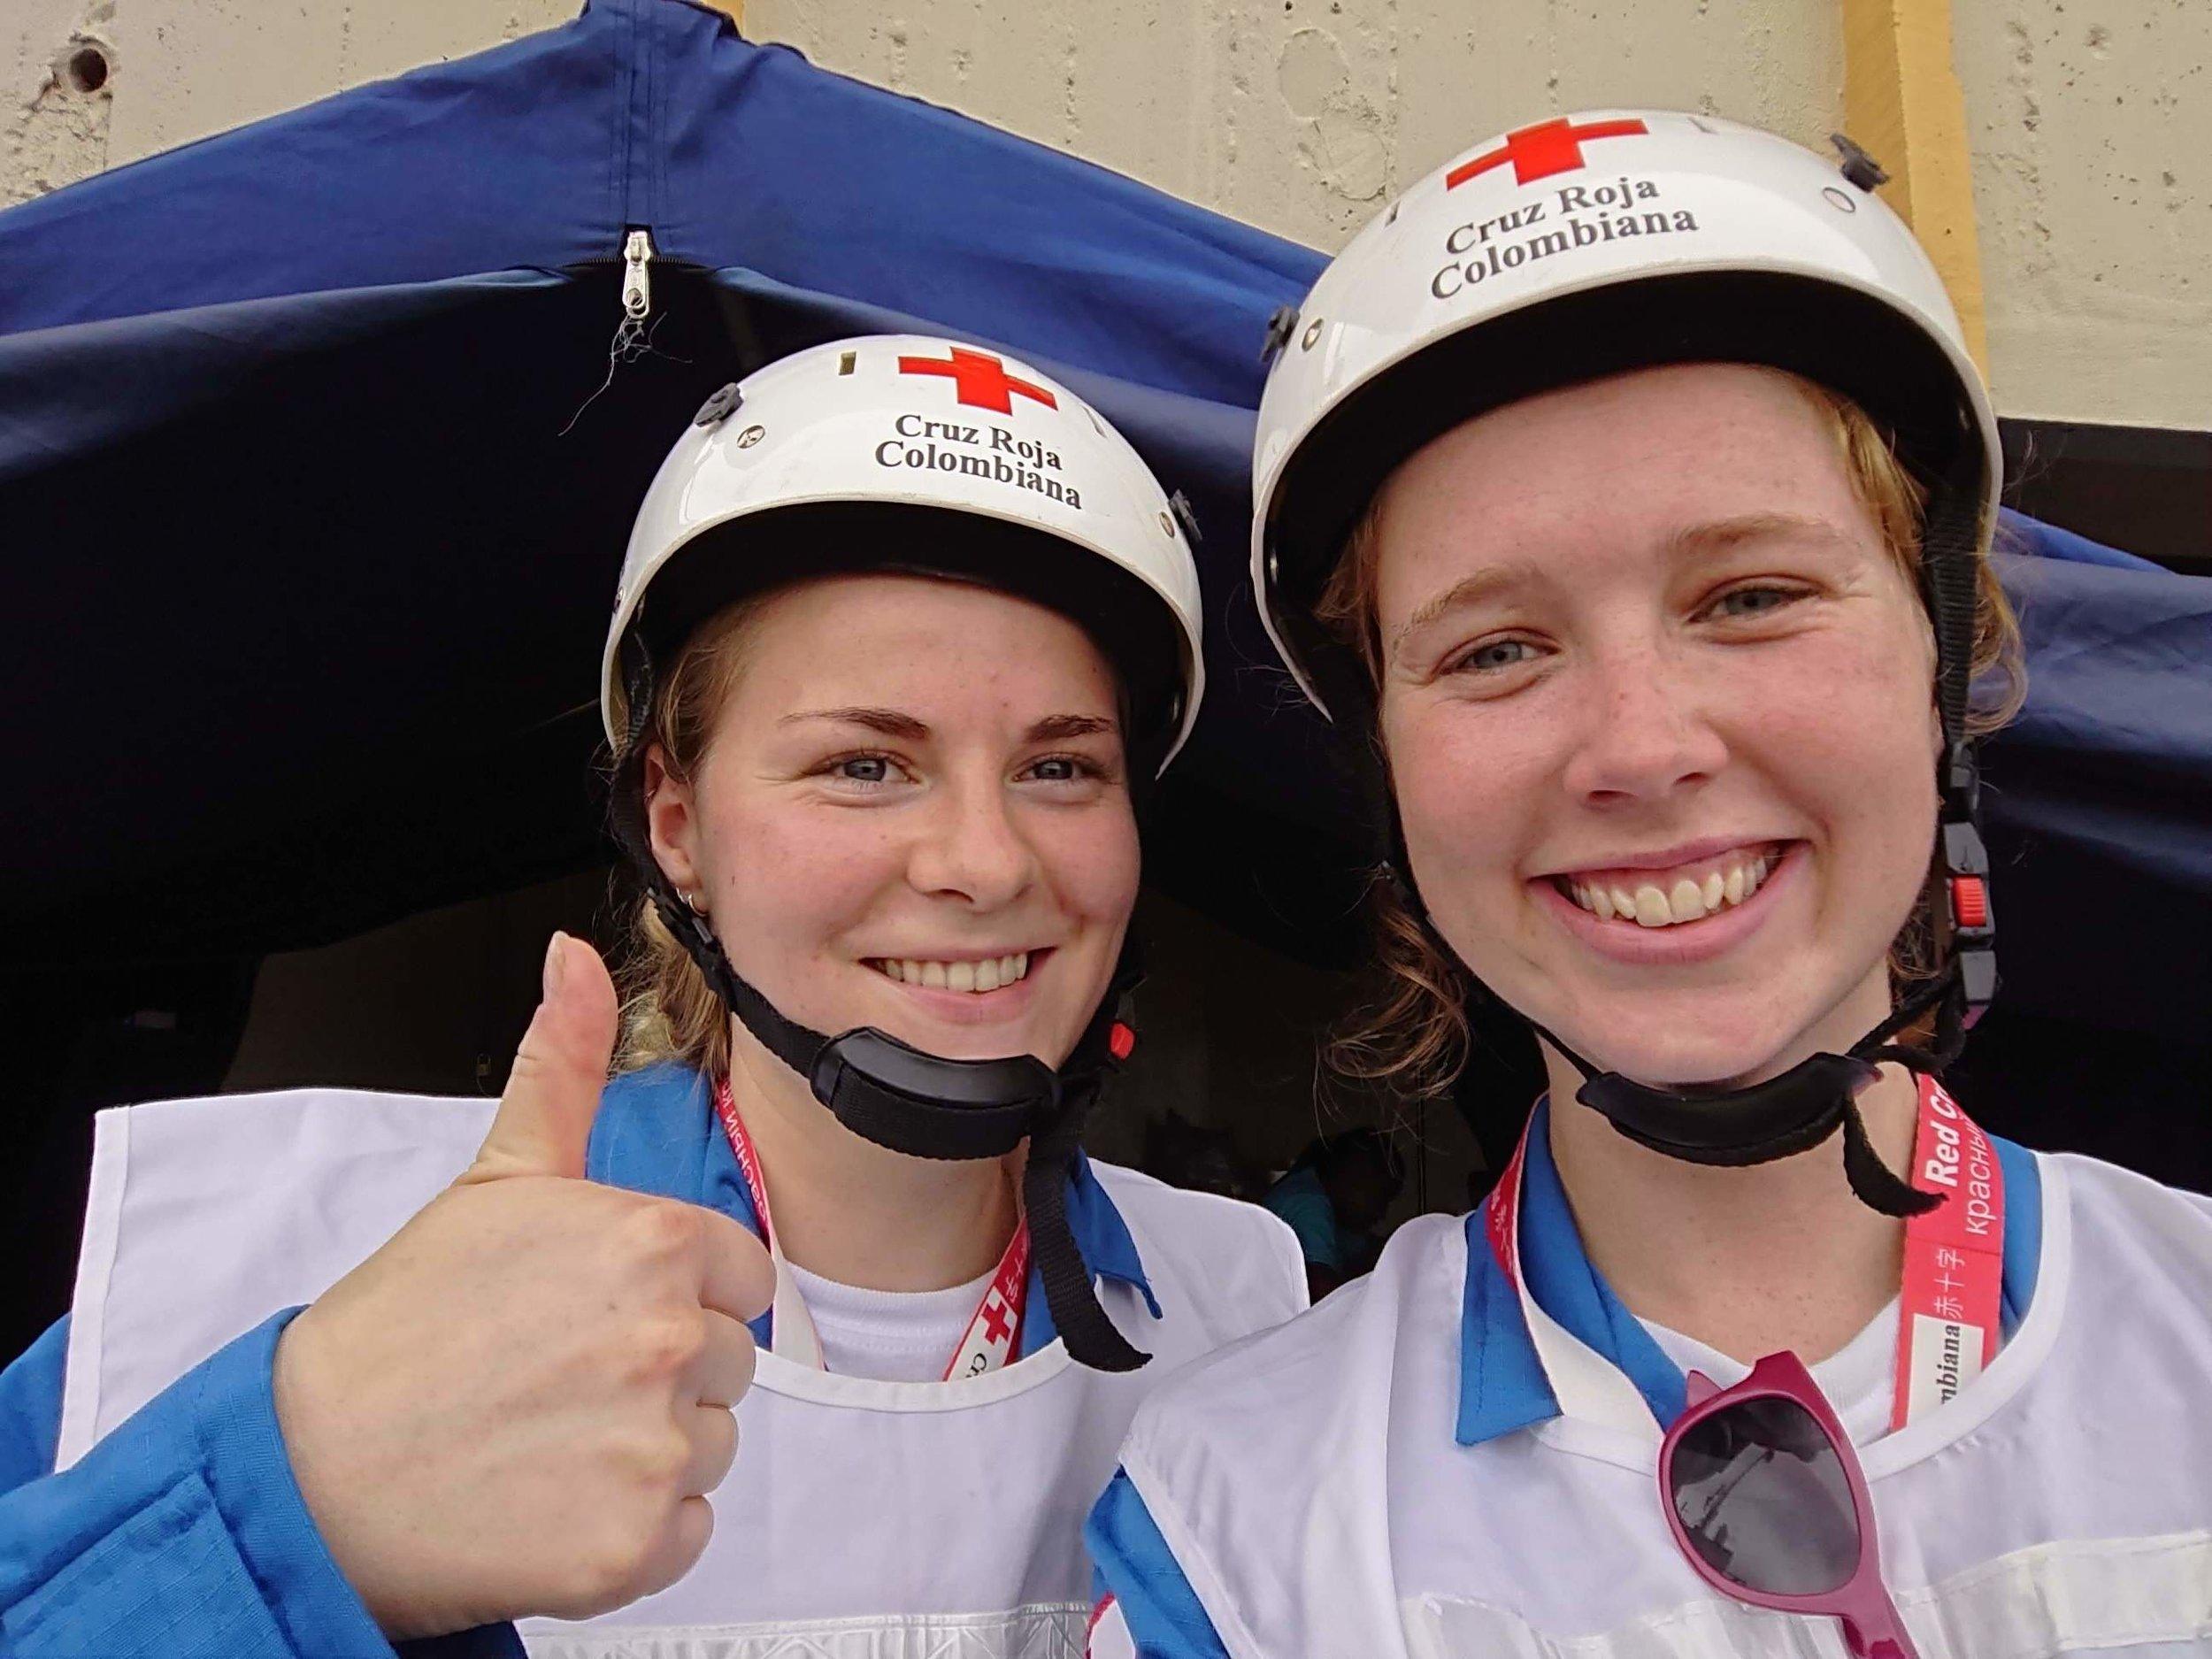 ¡Feliz en nuestras primera actividad con la Cruz Roja Colombiana!